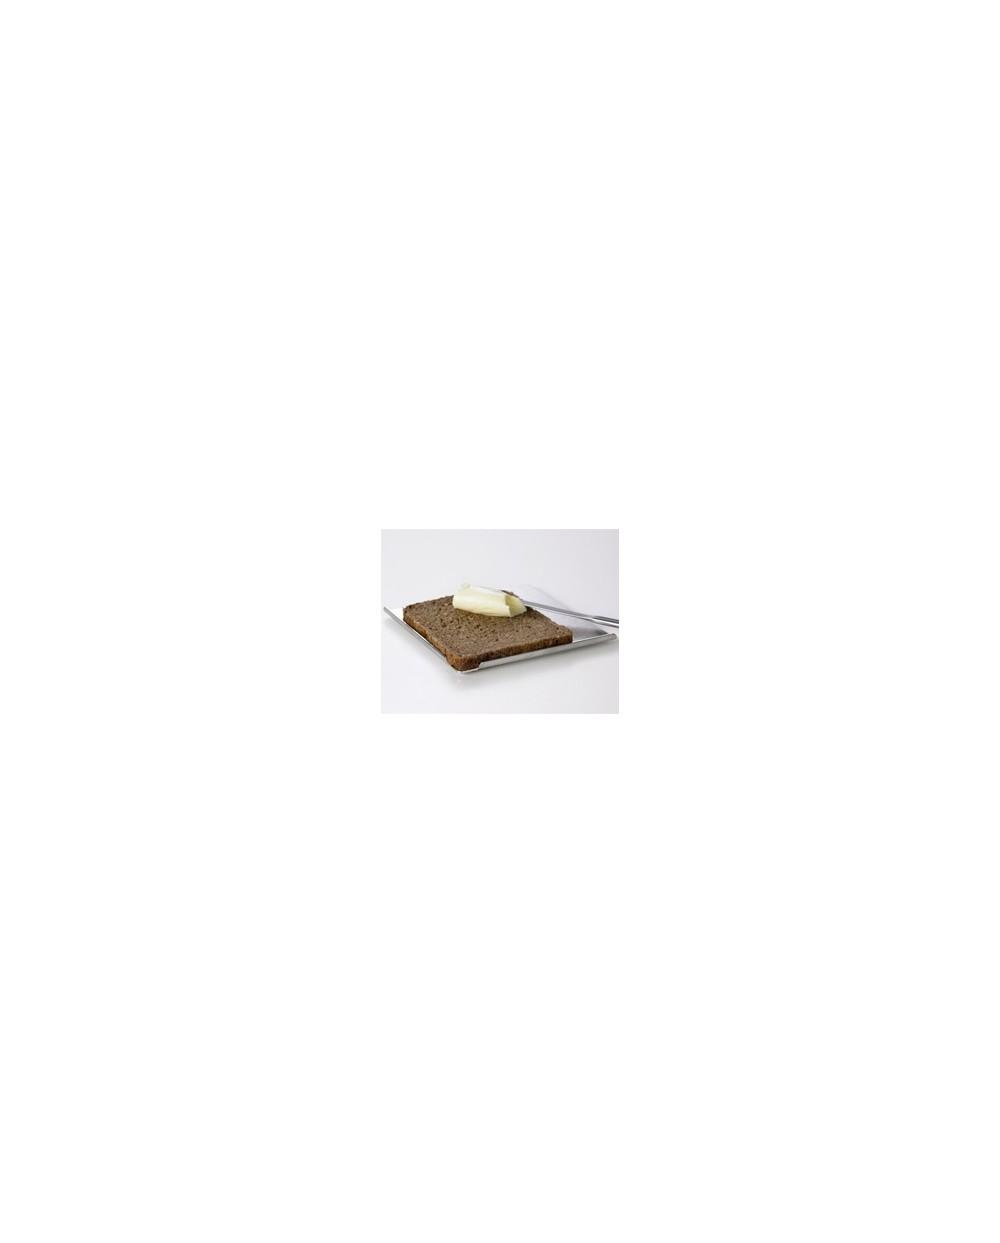 Planche à tartiuer alu avec bords arrondis, 16 x 16 cm